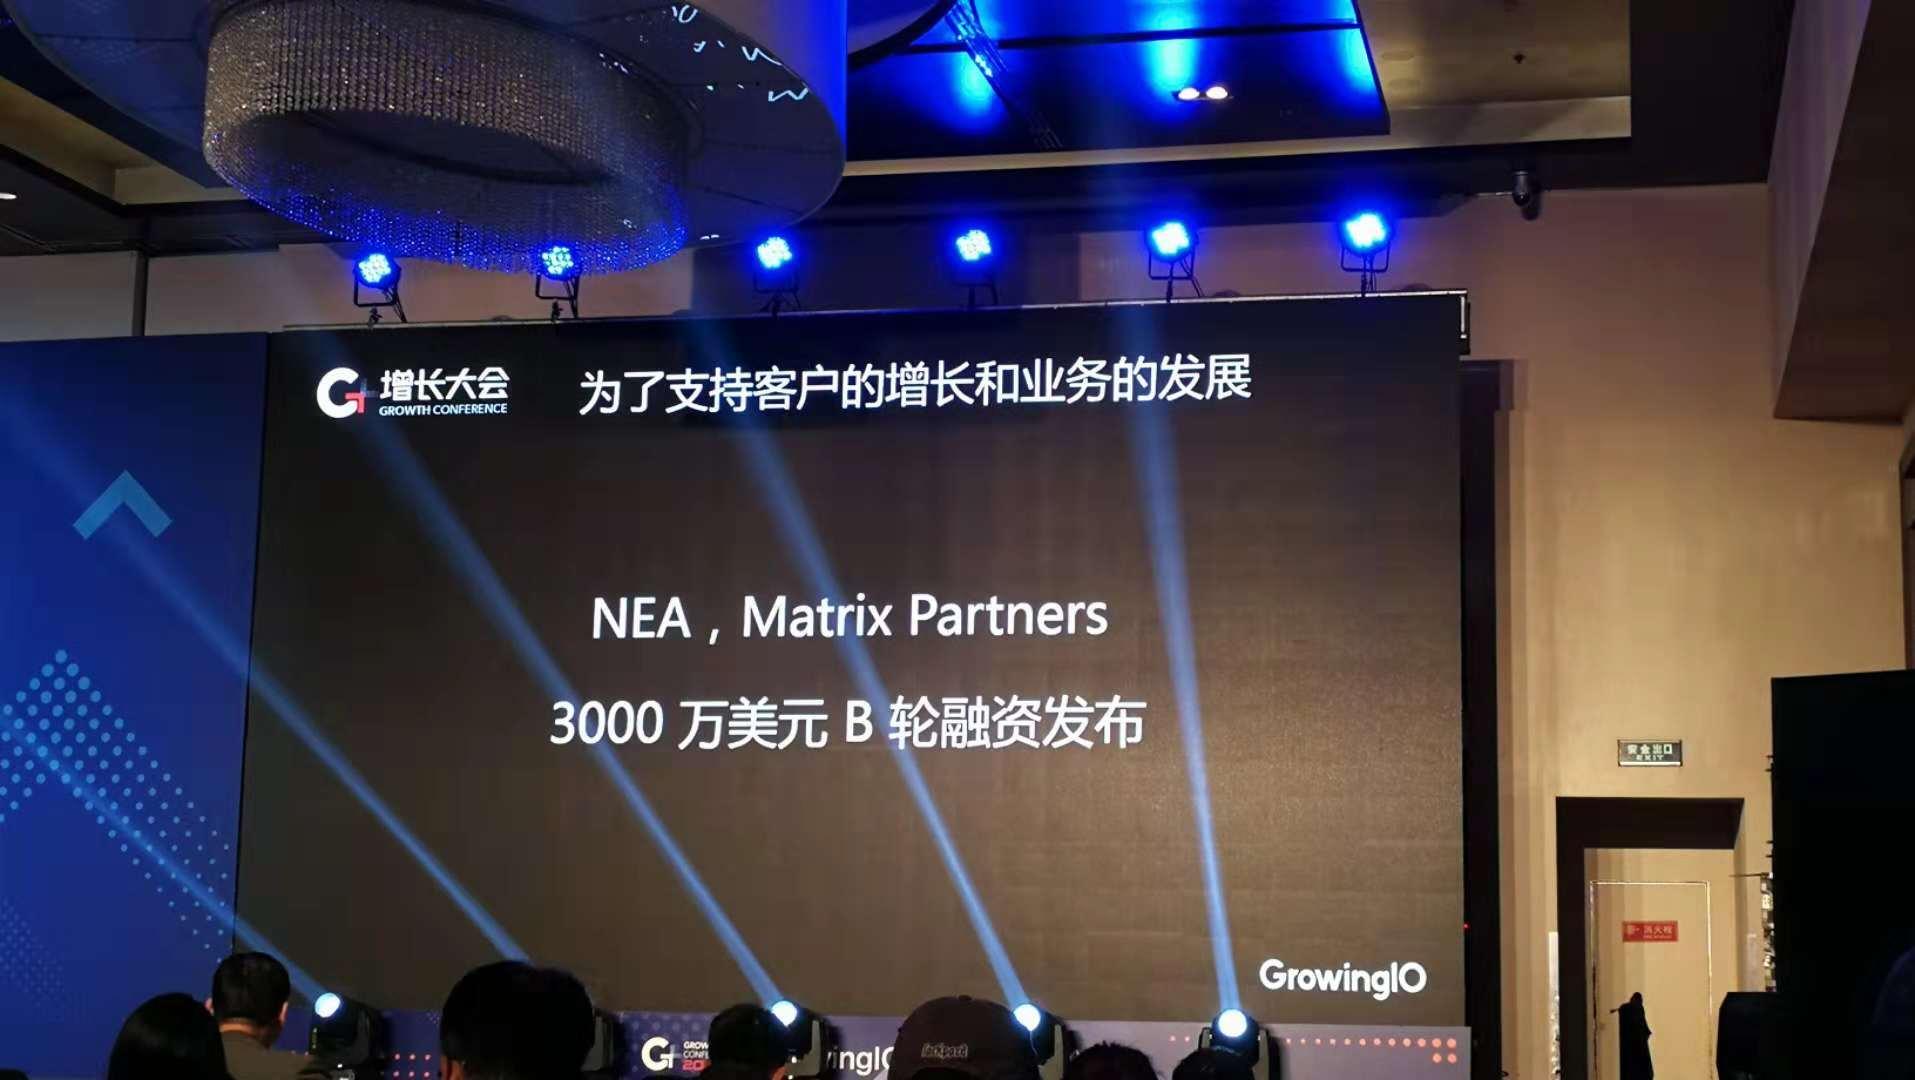 【企服快讯】GrowingIO获3000万美元B轮融资,打造更懂用户和增长的行为分析产品